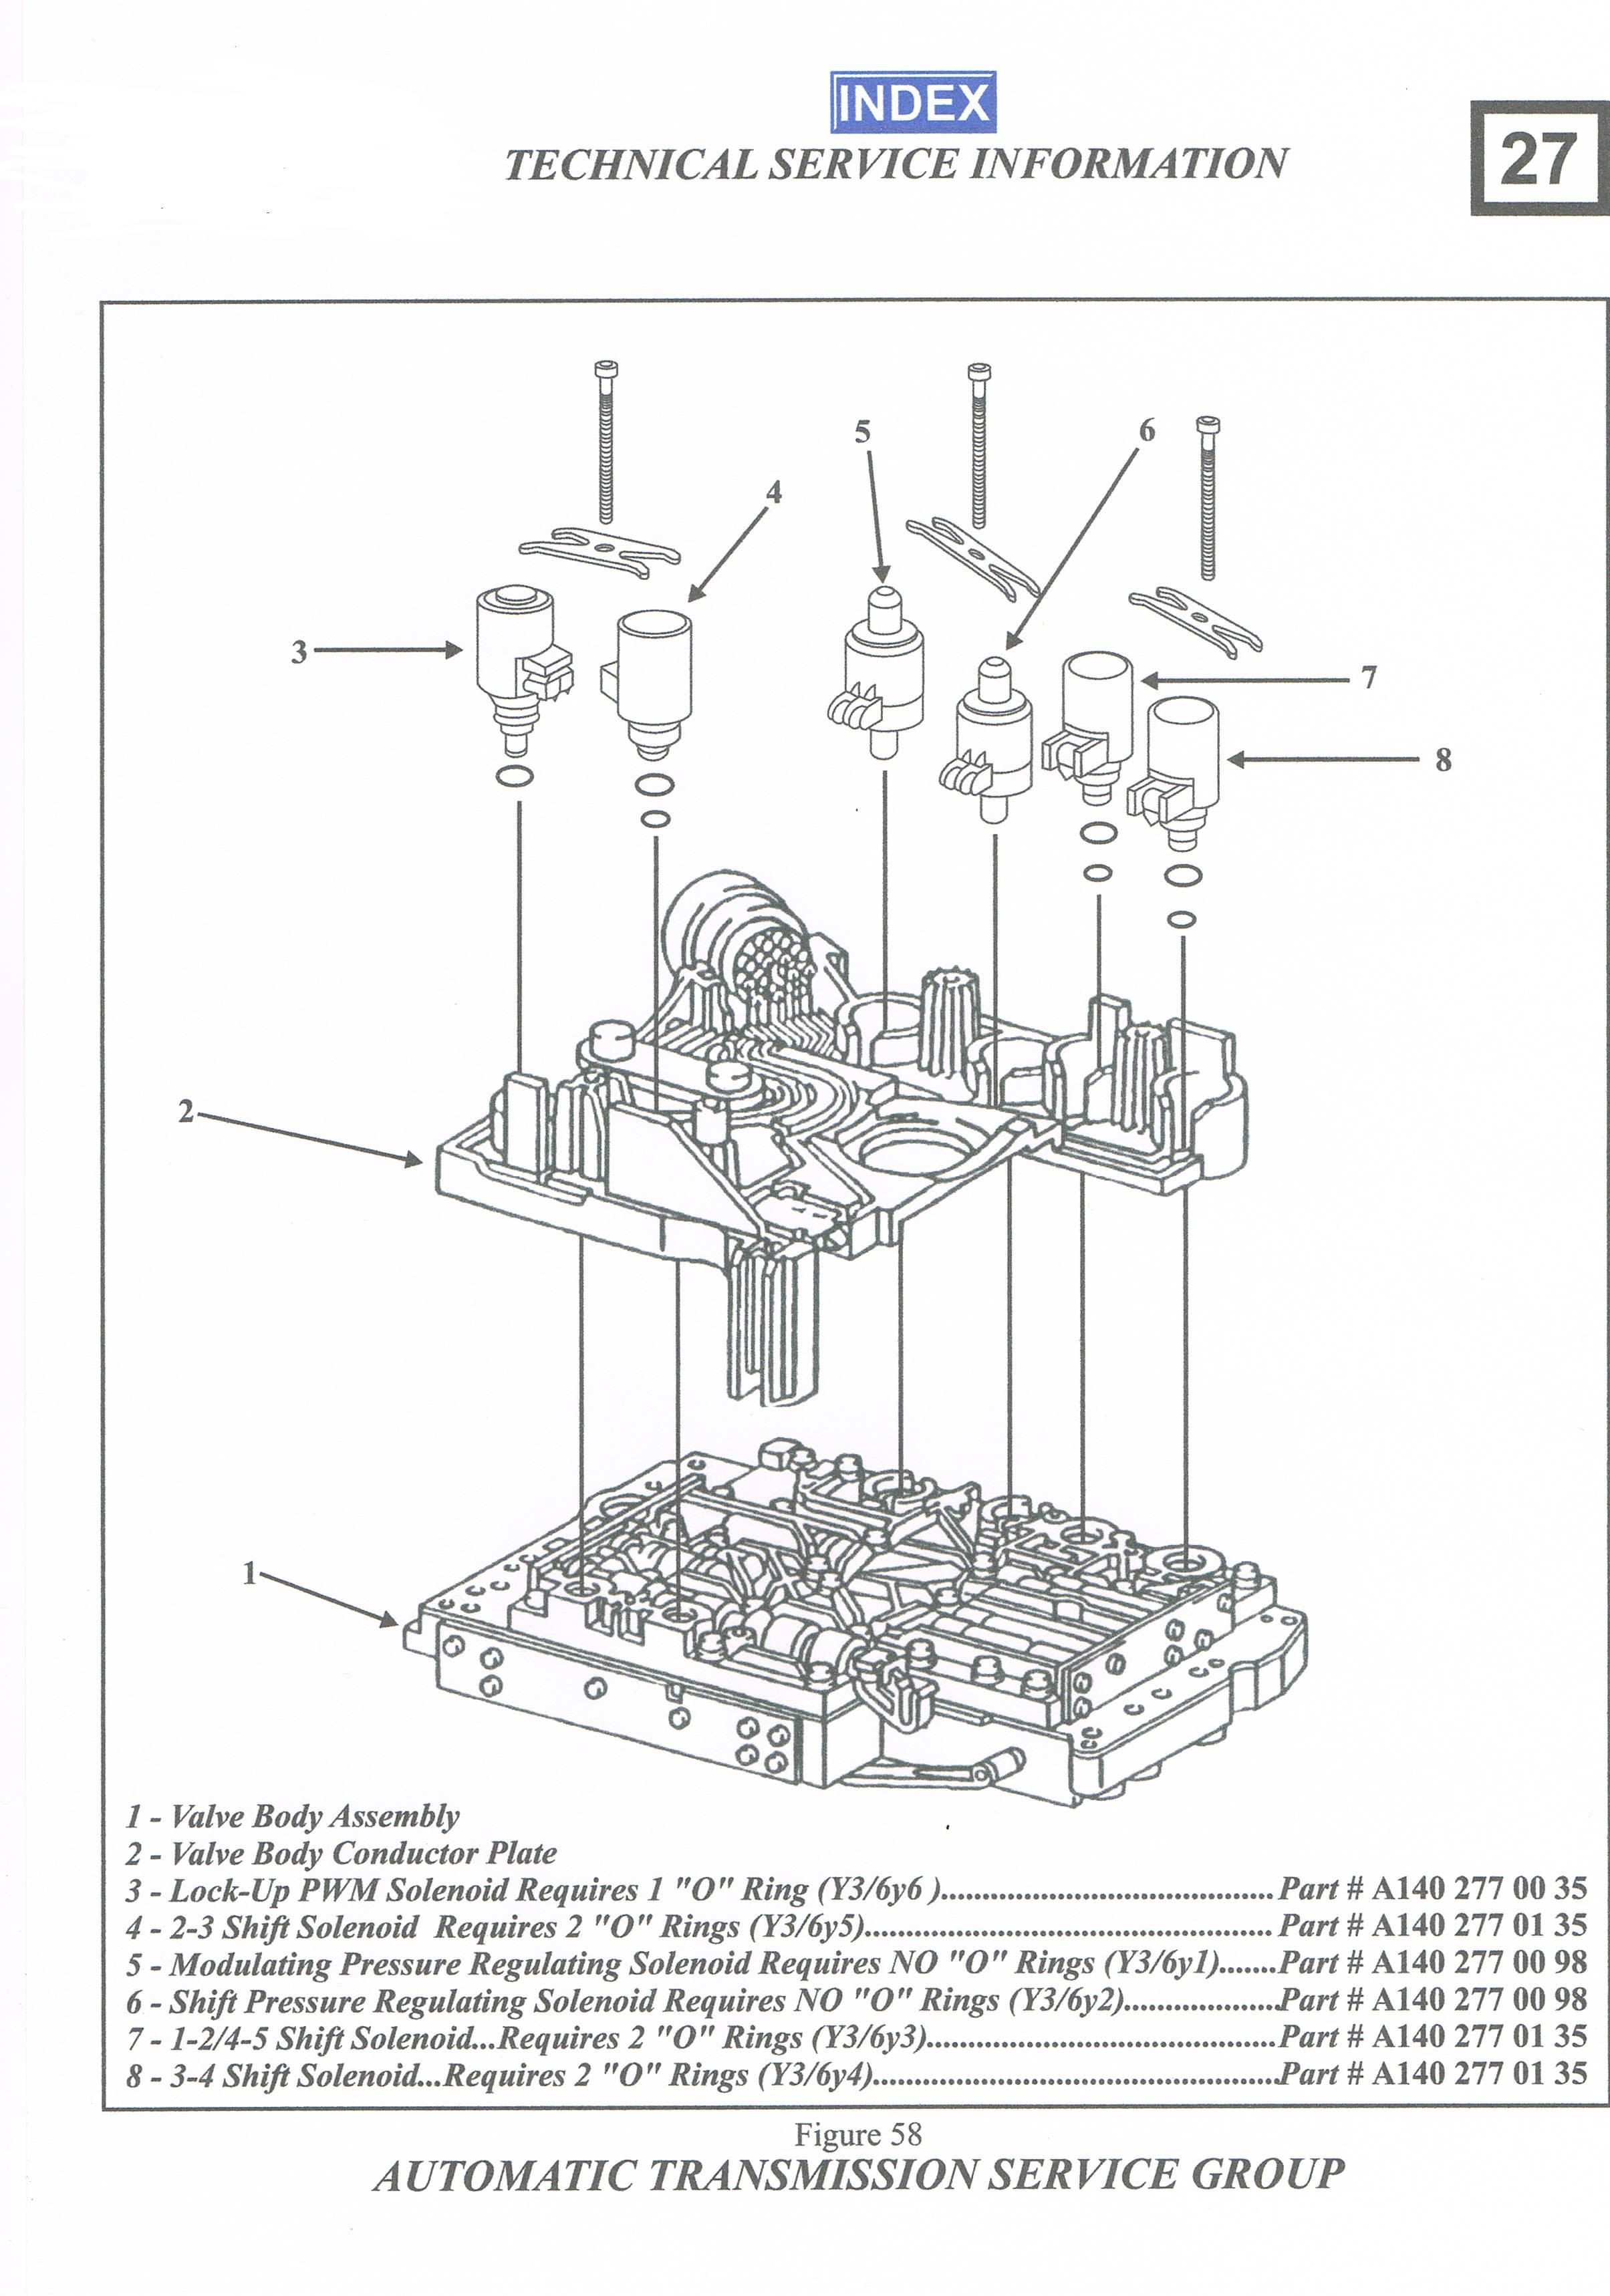 Mercedes C250 - Tryb awaryjny ASB. Nie dzia�a g�owny zaw�r ci�nienia